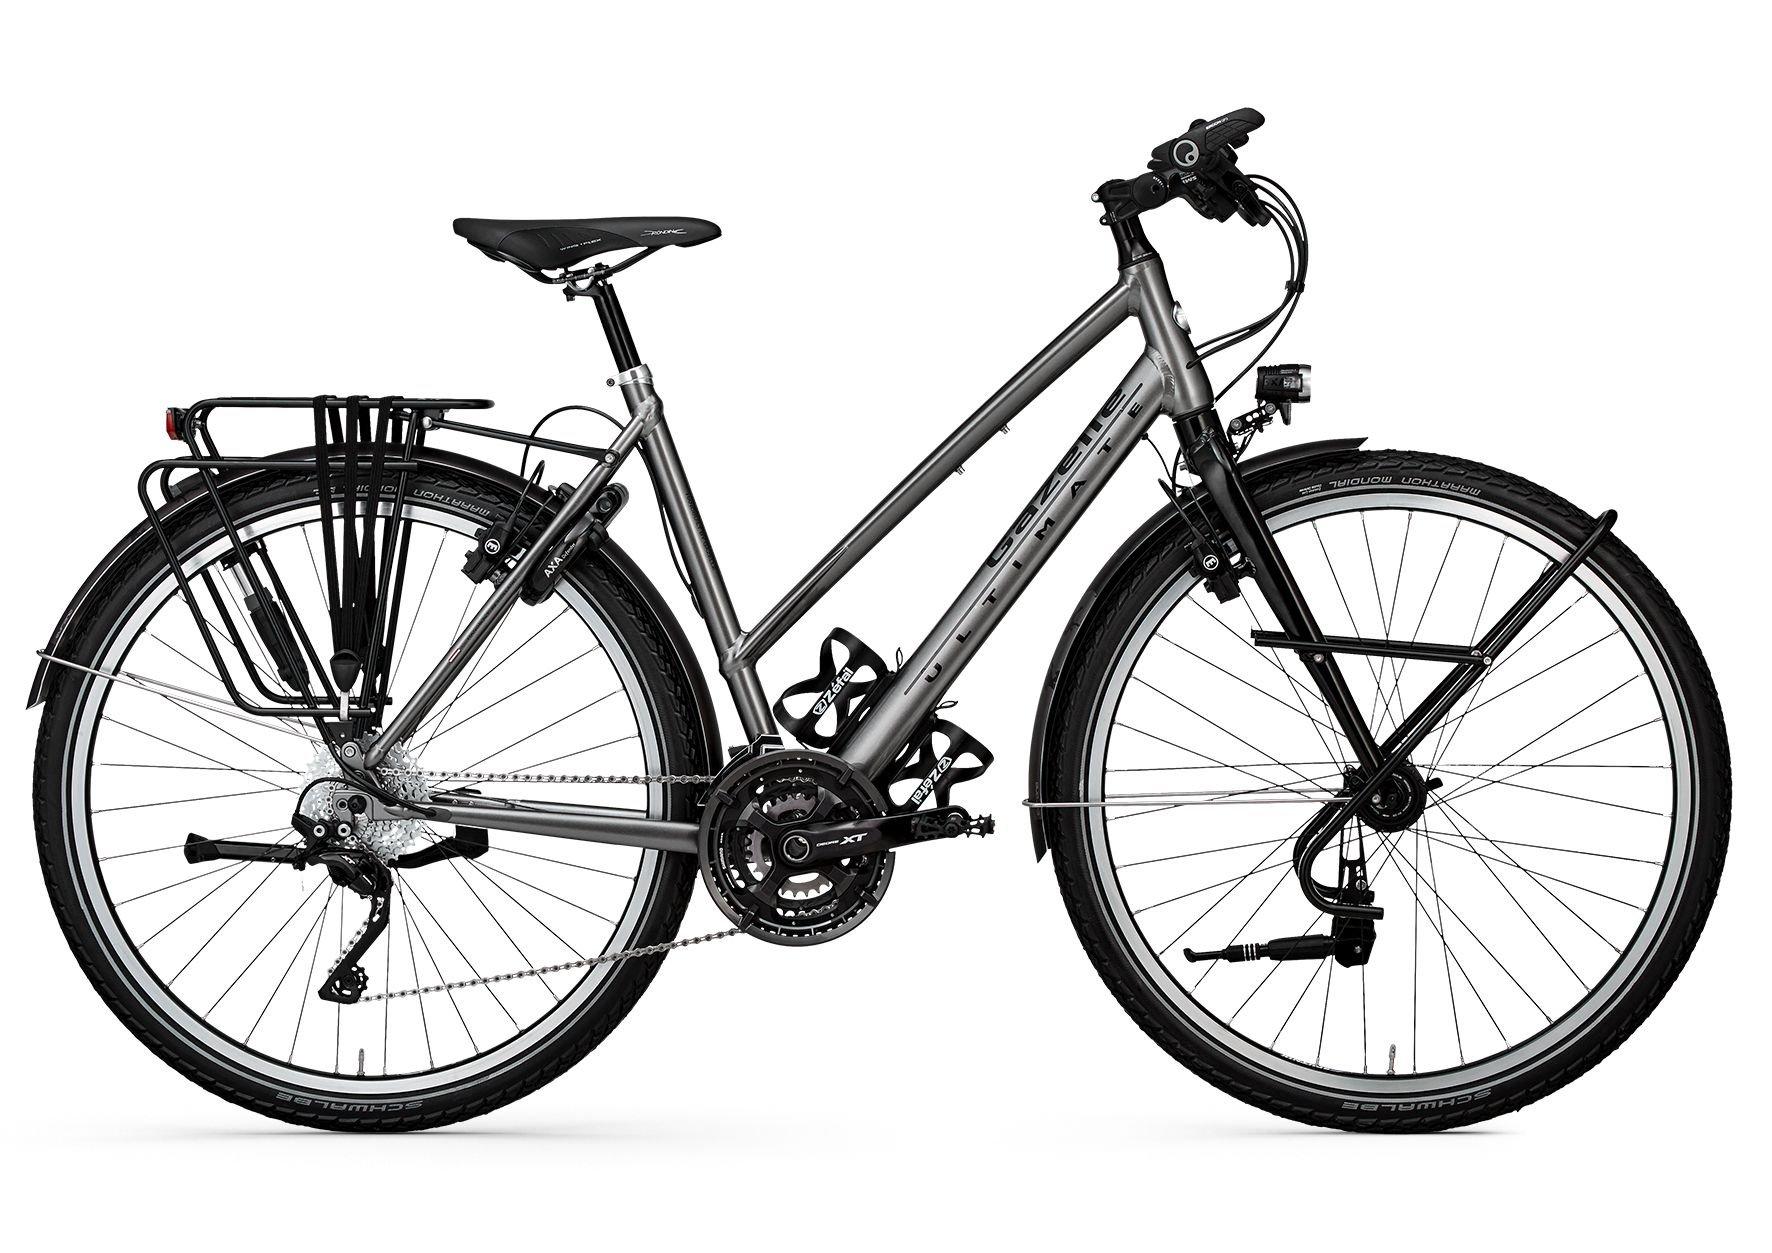 Fahrräder/Trekkingräder: Gazelle  Ultimate Marco Polo Damenfahrrad Damen Modell 2019 28 Zoll 53 cm